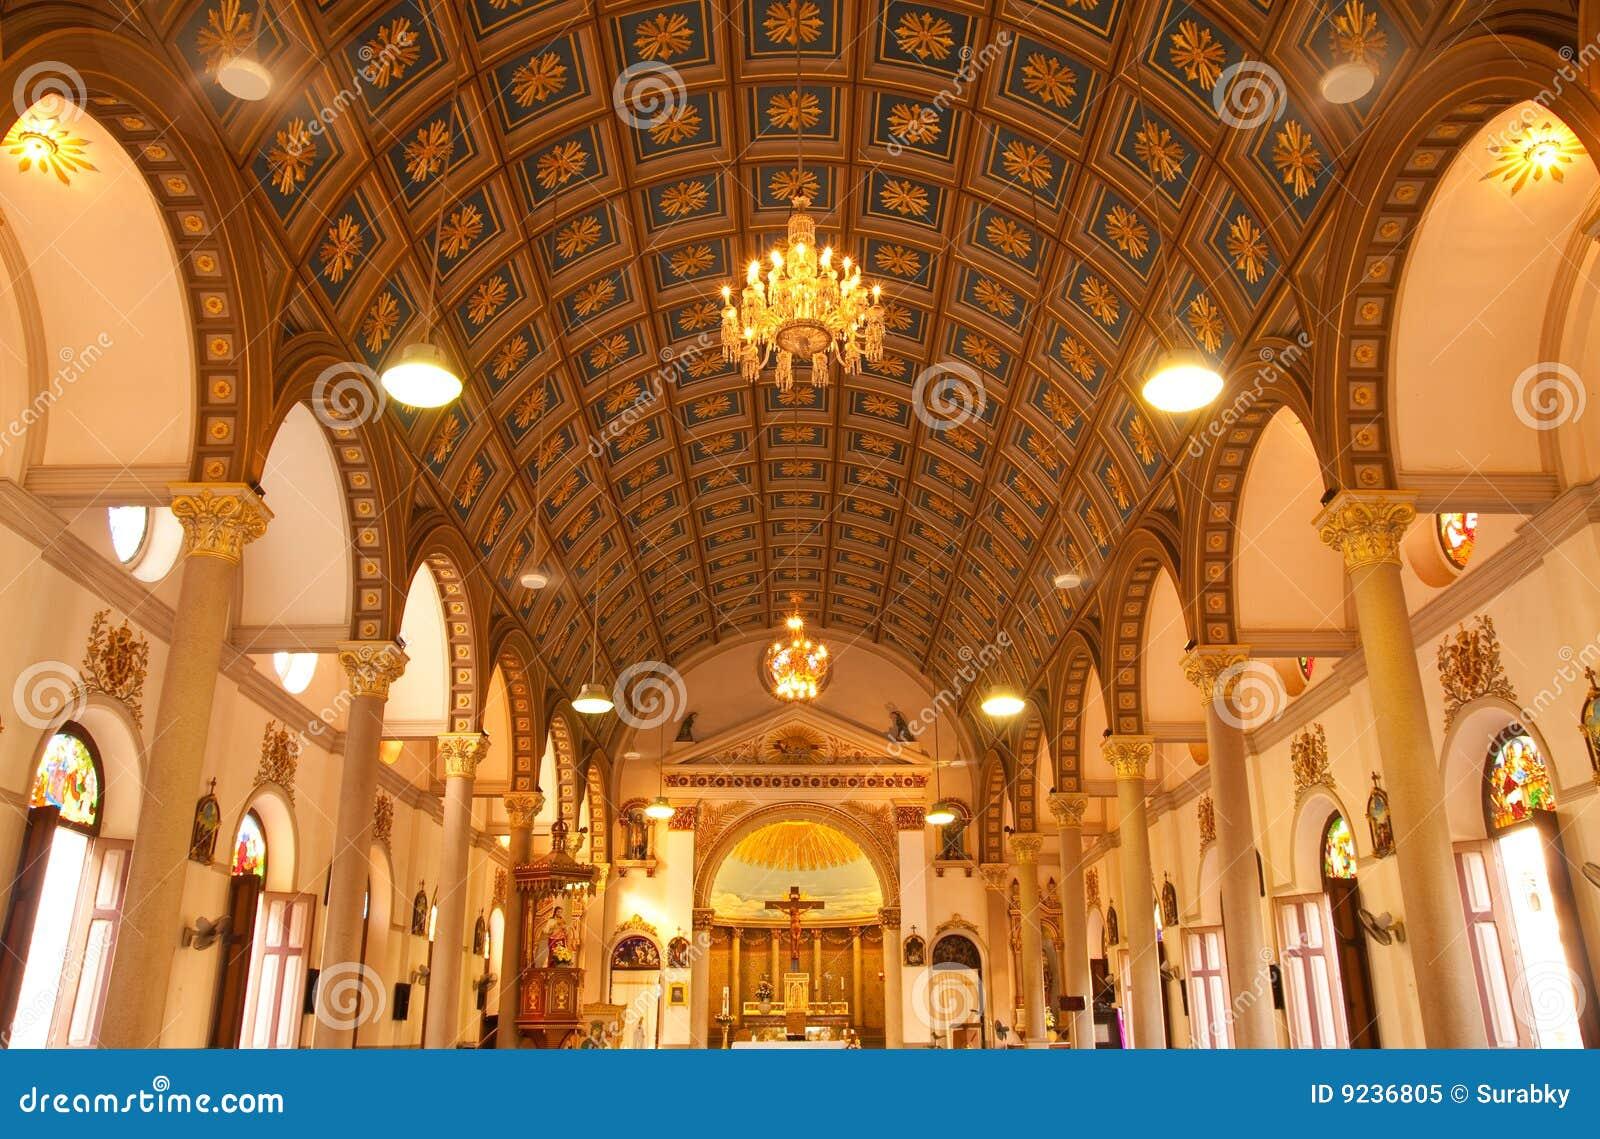 Inside Of Catholic Church Royalty Free Stock Photo Image